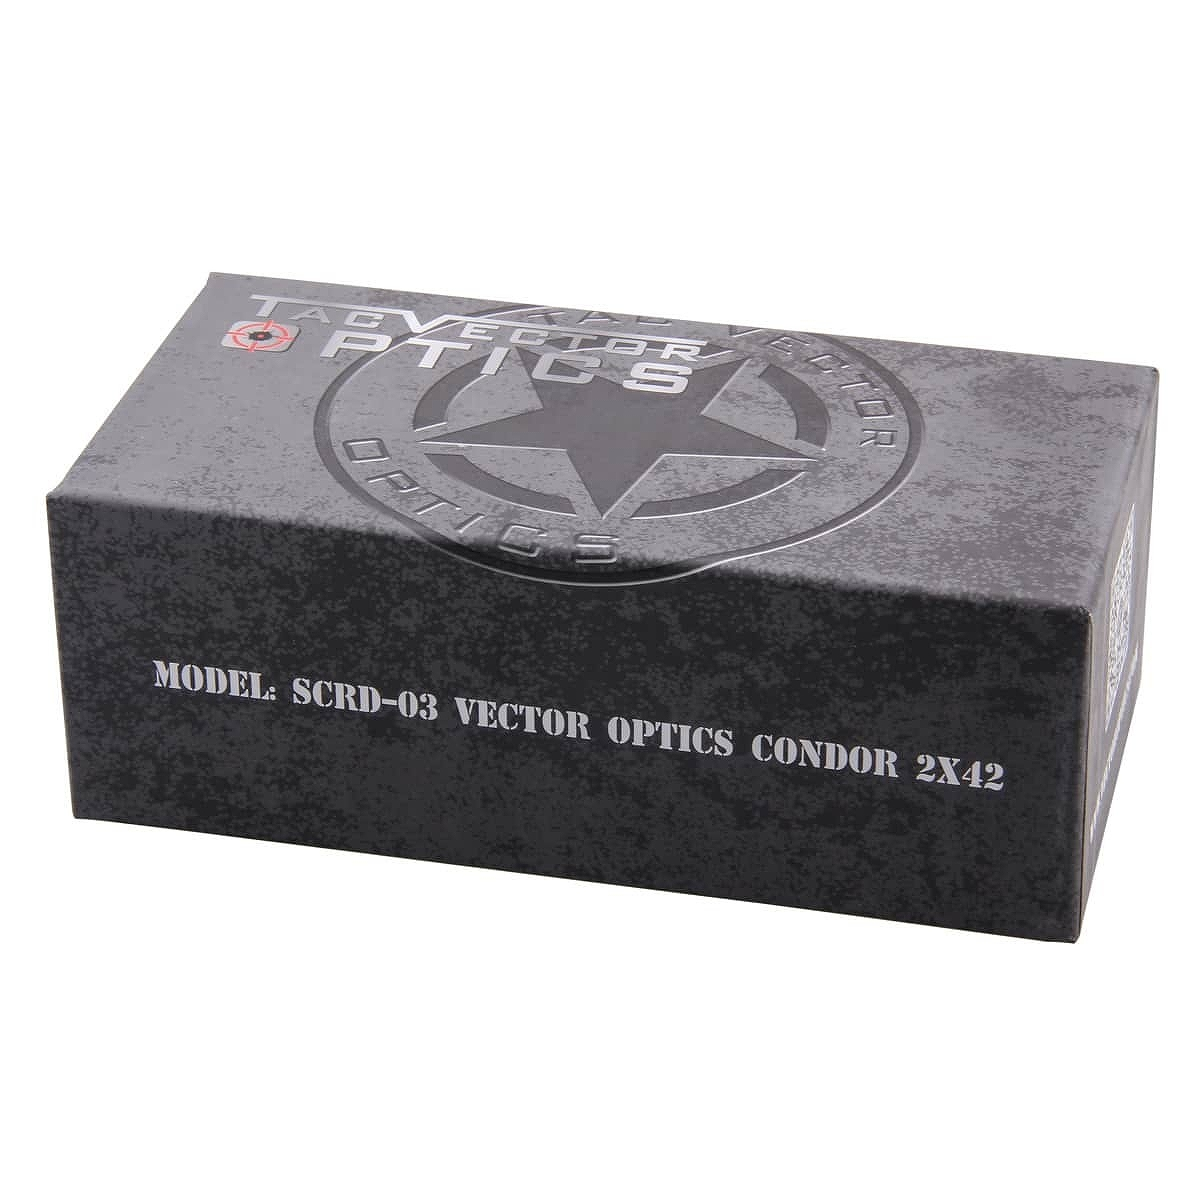 ベクターオプティクス ドットサイト Condor 2x42  Vector Optics SCRD-03